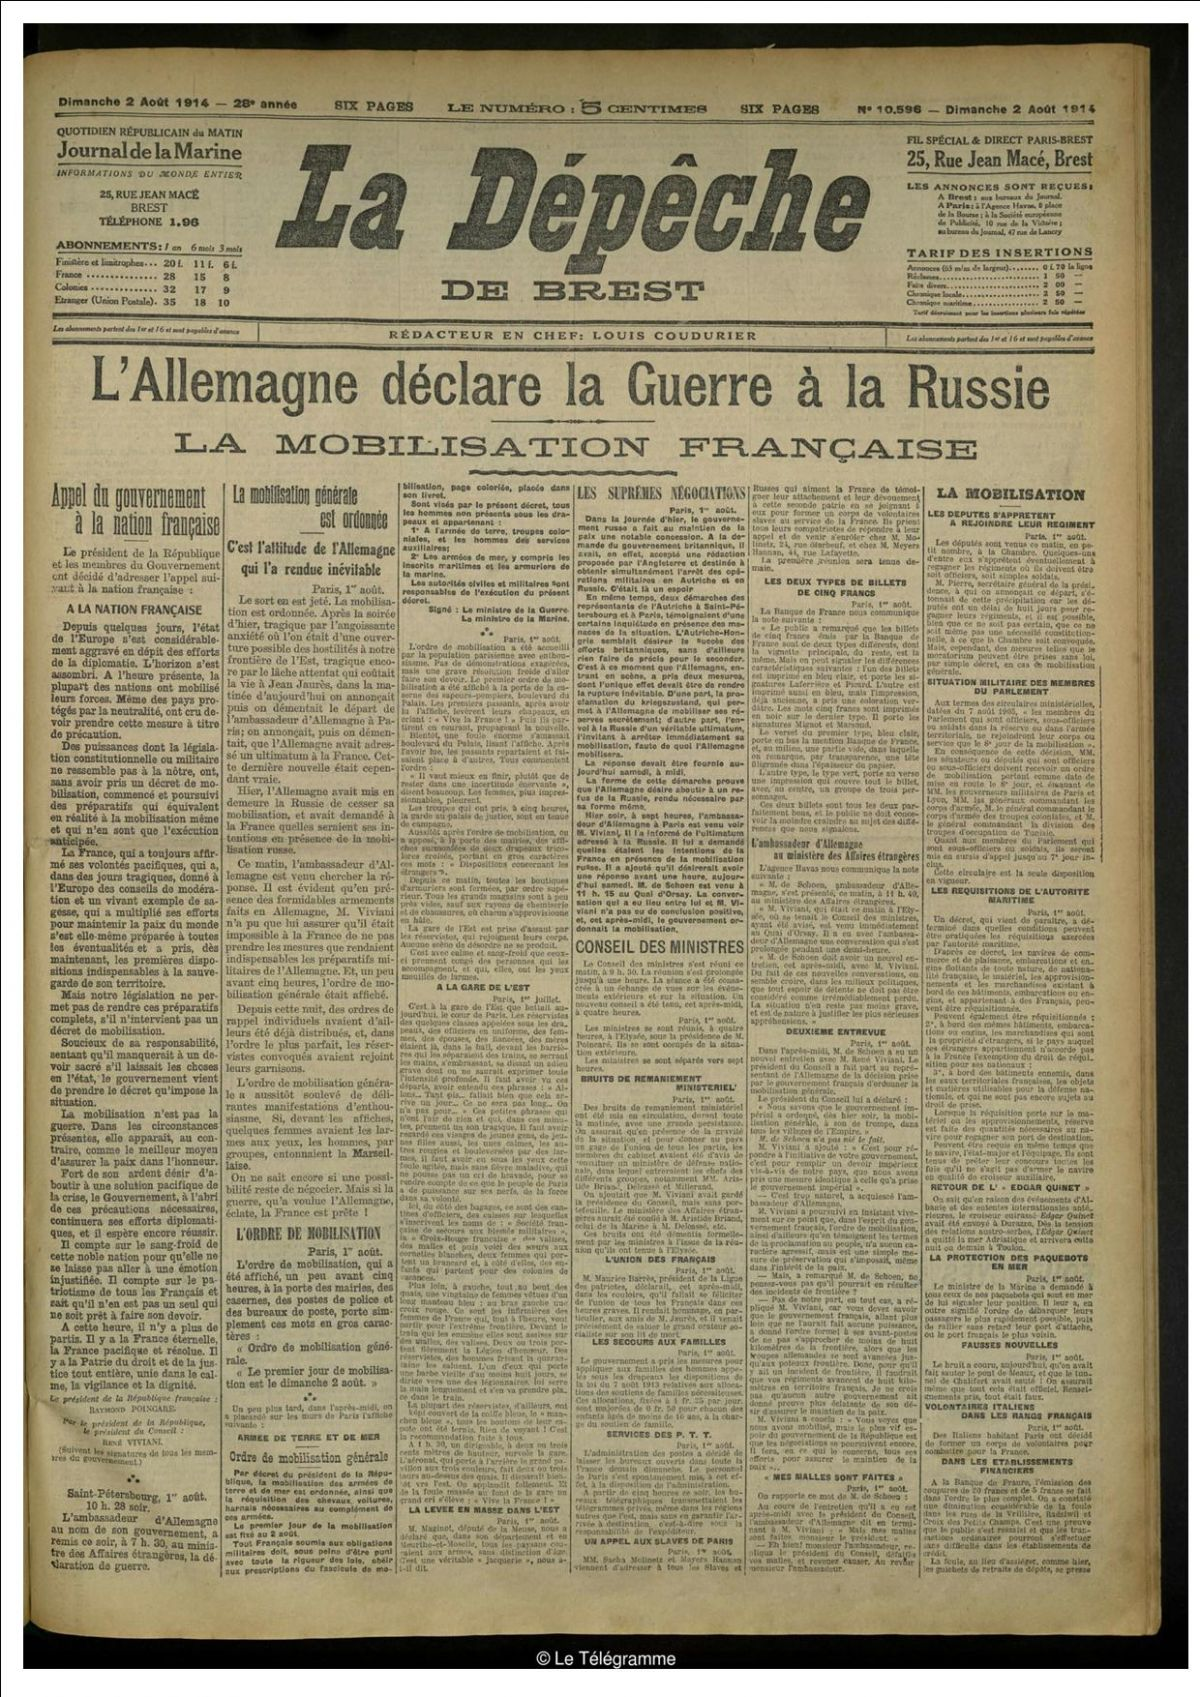 Dépêche de Brest 2 août 1914